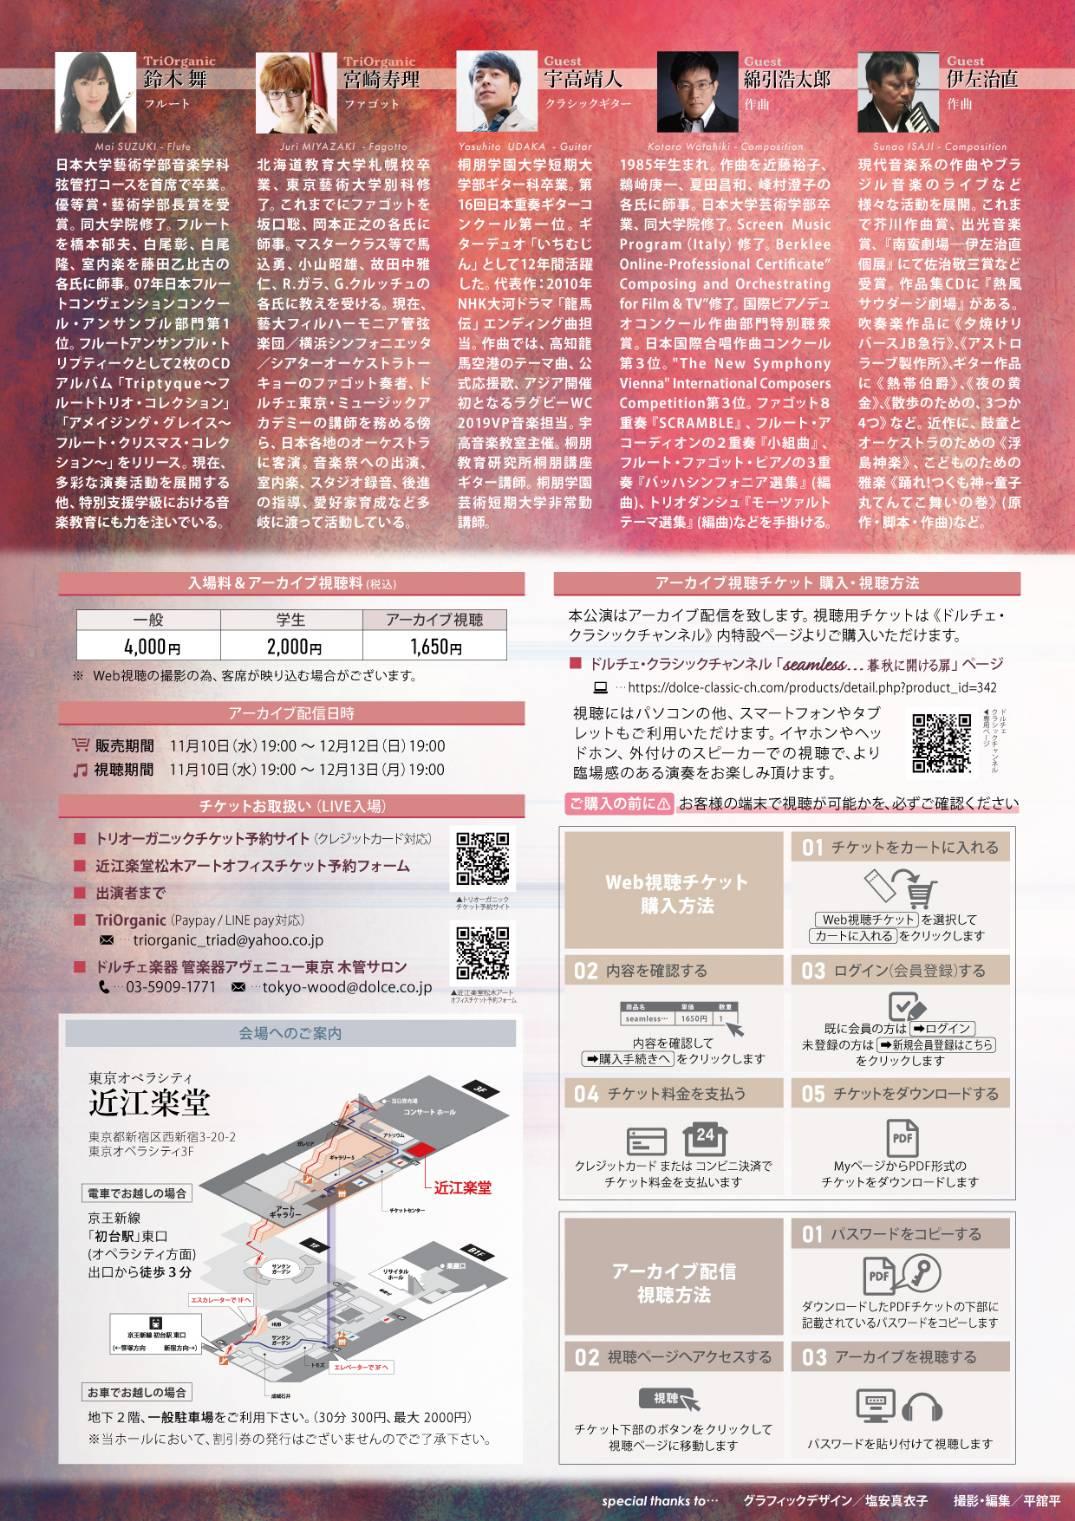 文化庁「ARTS for the future!」補助対象事業『TriOrganic 2021 秋定期公演 vol.5』seamless…暮秋に開ける扉【昼公演】